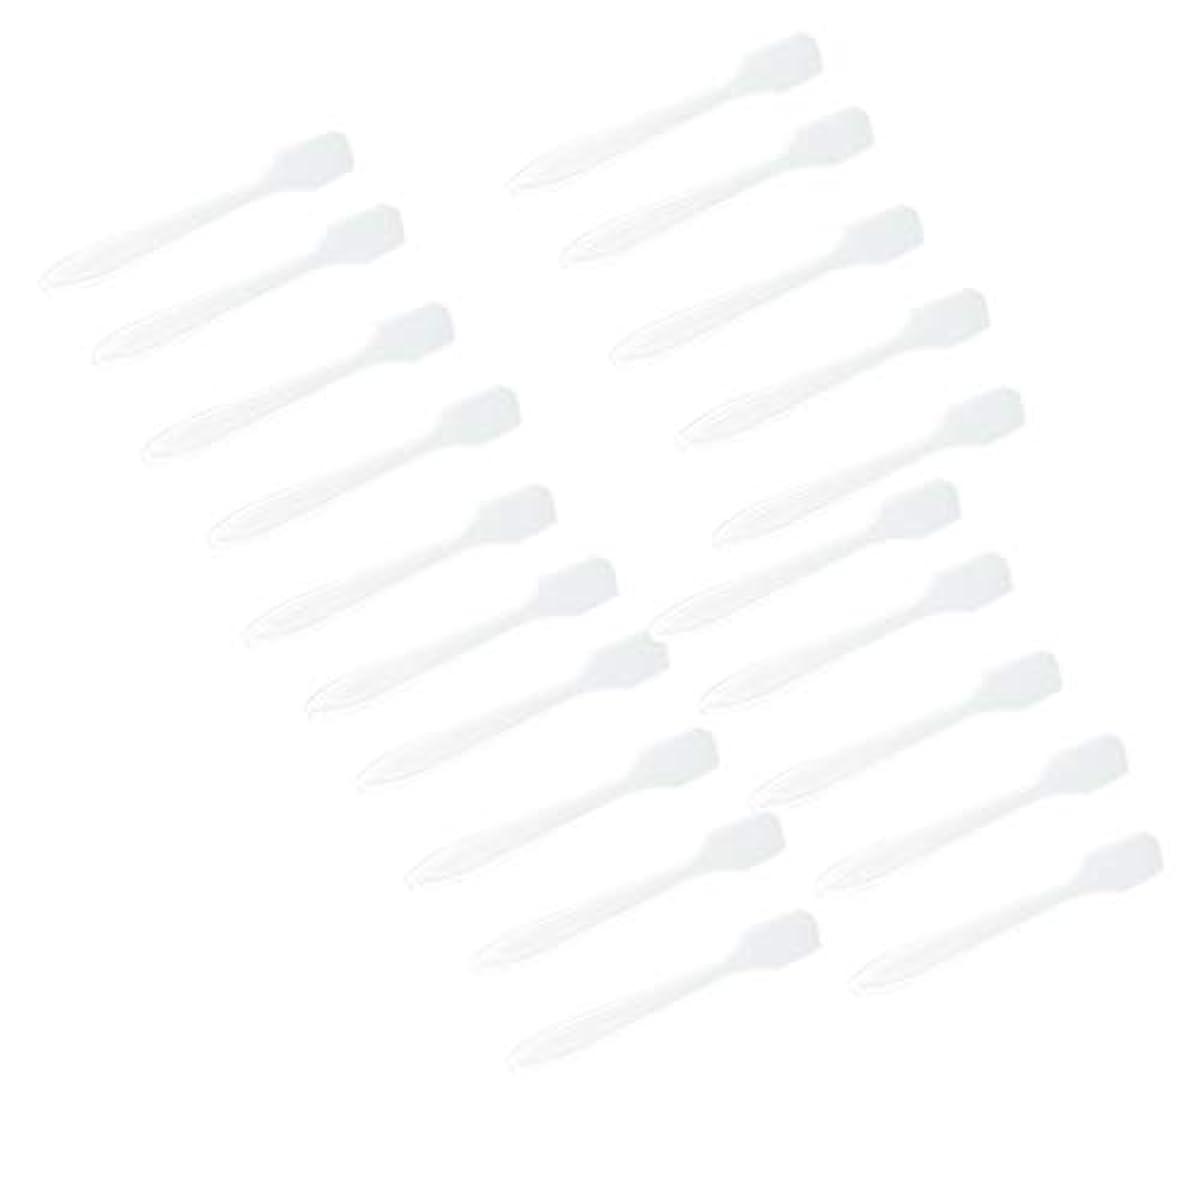 ポールレンジ全く5色 100点 フェイシャル クリーム マスクスプーン 化粧品へら 女性美容ツール - クリア